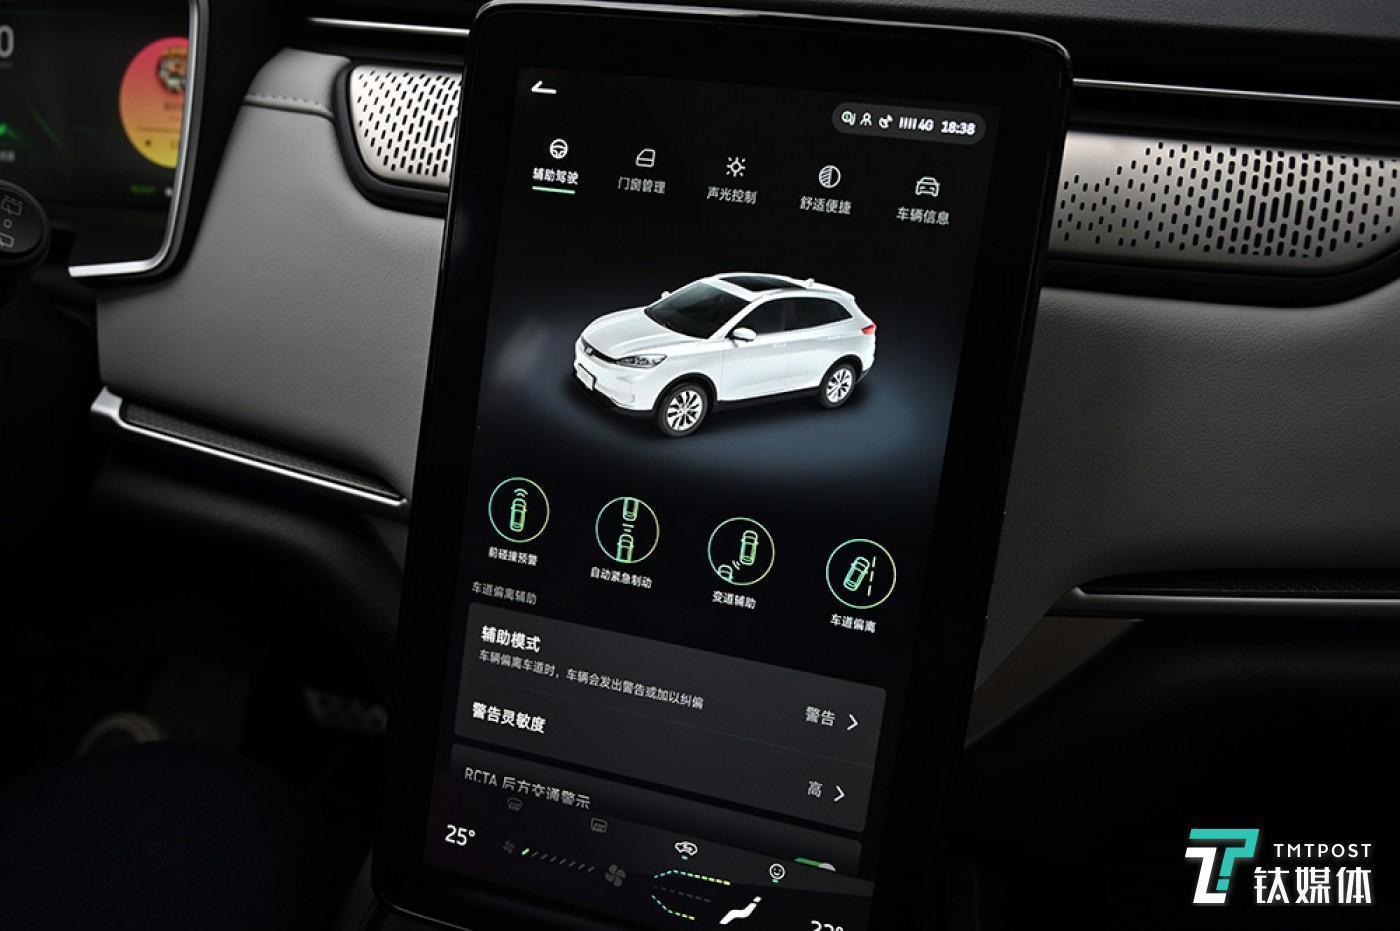 智能辅助驾驶系统设置